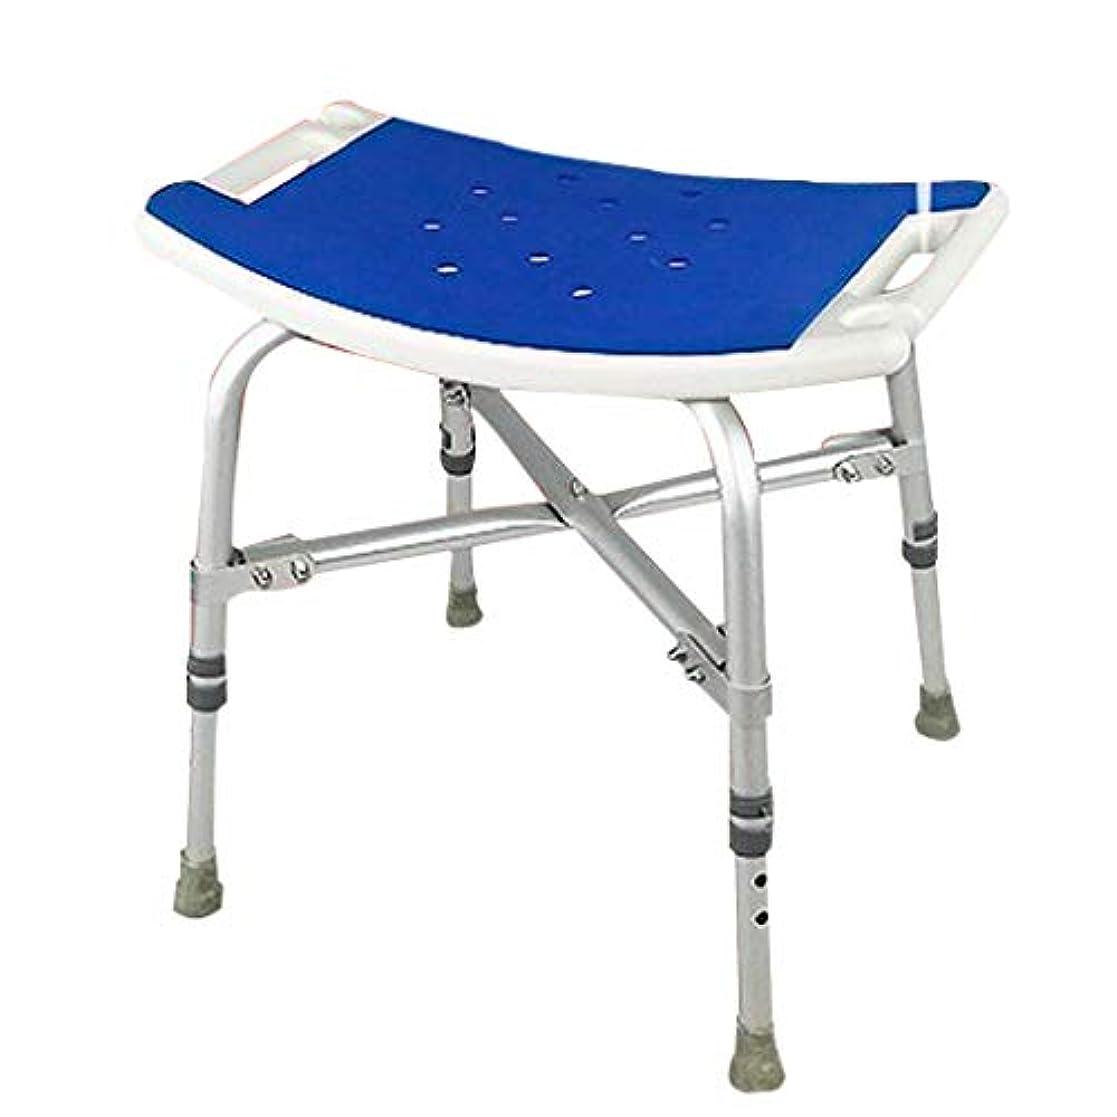 リンケージマイクロ透けて見える高さ調整可能 バス/シャワースツール ハンディキャップシャワーシート 障害者支援 人間工学に基づいた バスタブリフトチェア パディング付き 高齢者、障害者、成人向け ヘビーデューティ